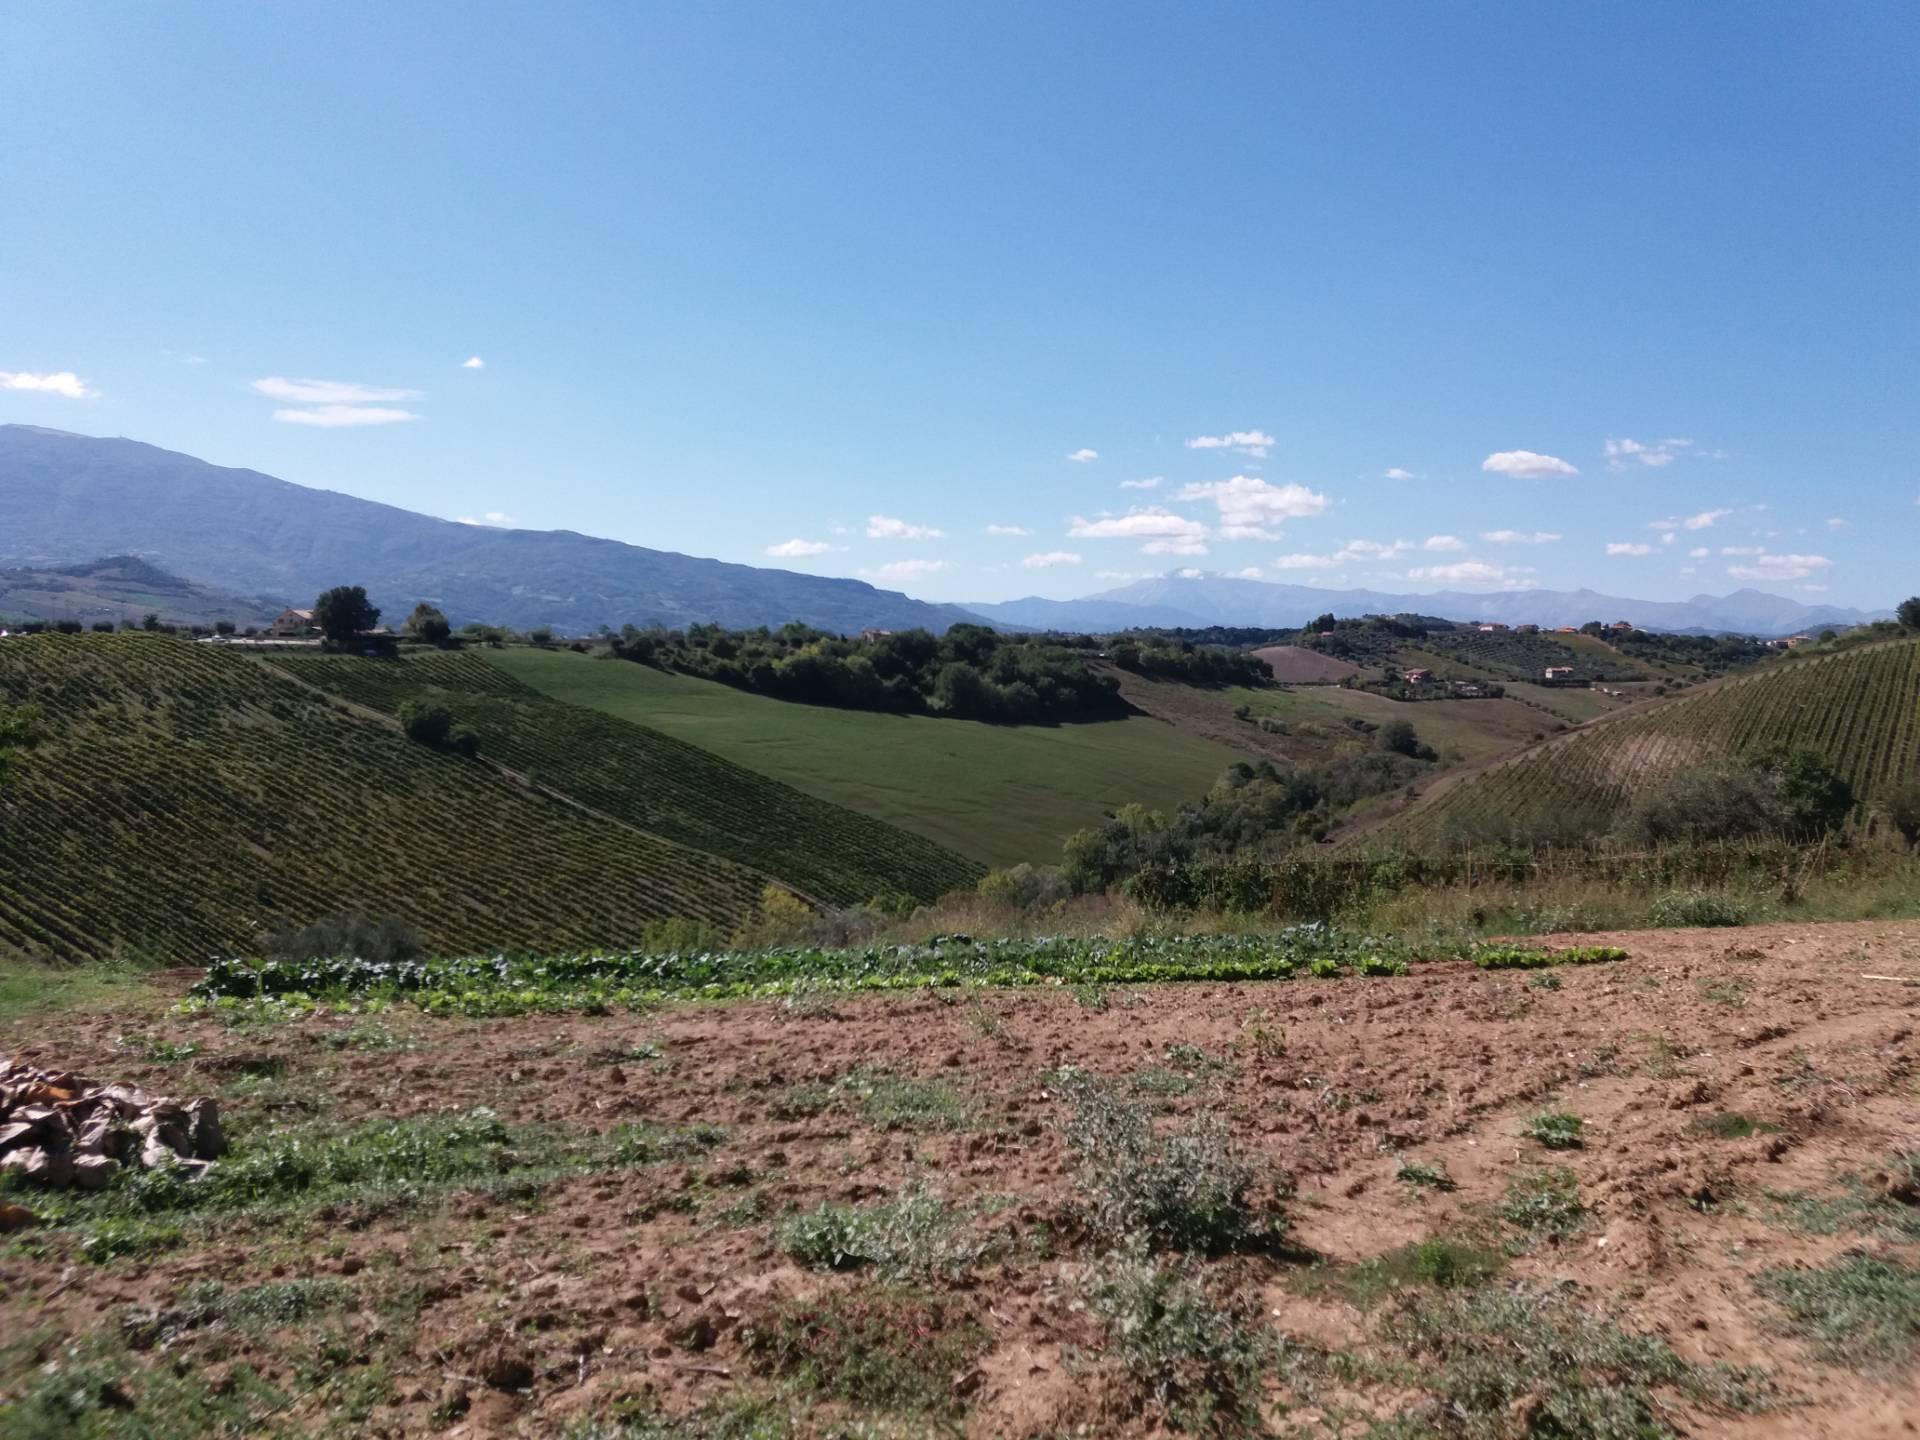 Terreno Edificabile Residenziale in vendita a Castel di Lama, 9999 locali, zona Località: alta,collina, prezzo € 95.000 | CambioCasa.it